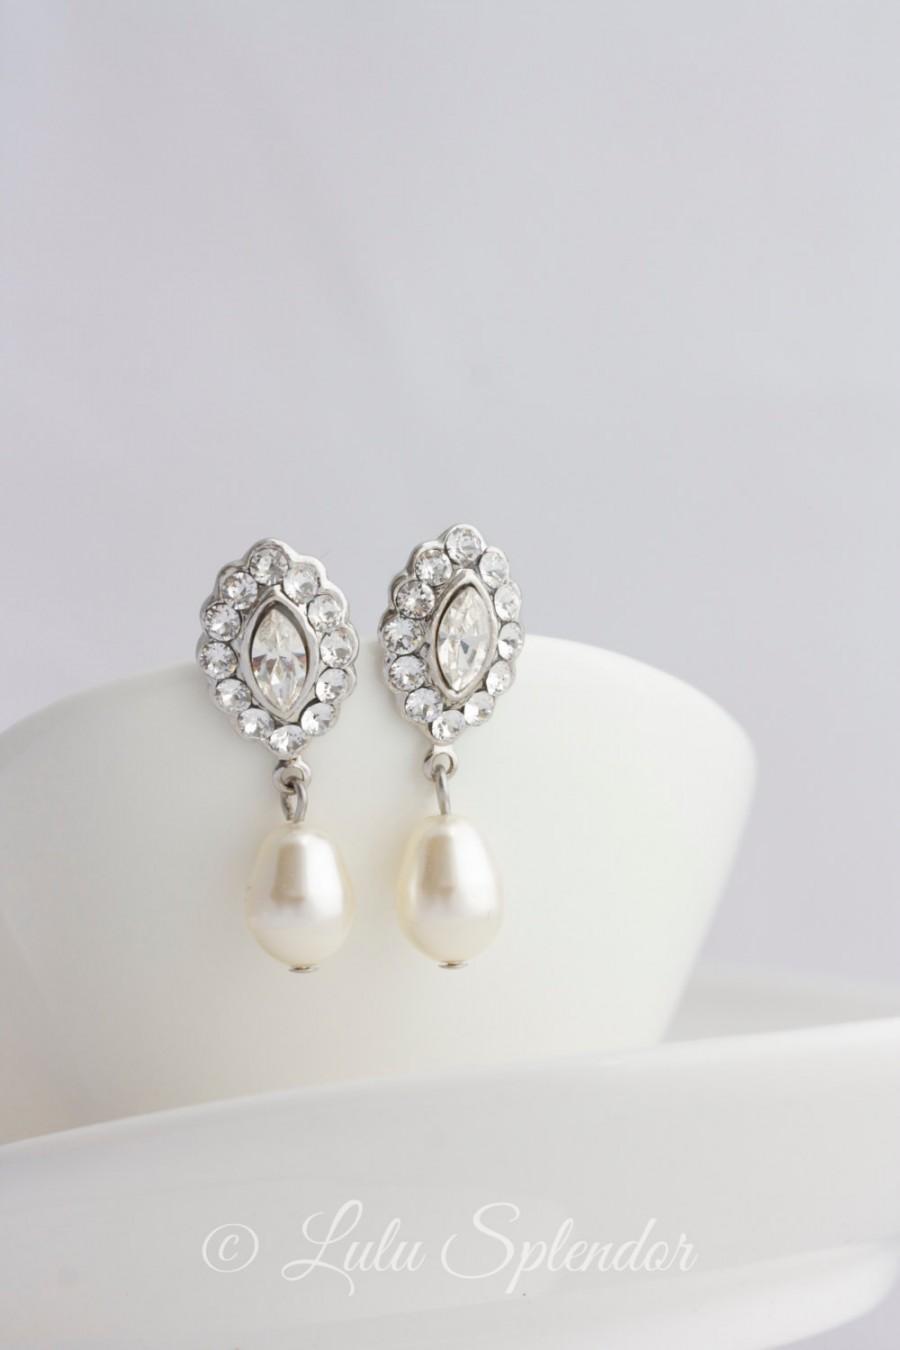 Bridal Earrings Small Wedding Earrings Swarovski Crystal Pearl Earrings  Vintage Style Wedding Jewelry Mae Drop